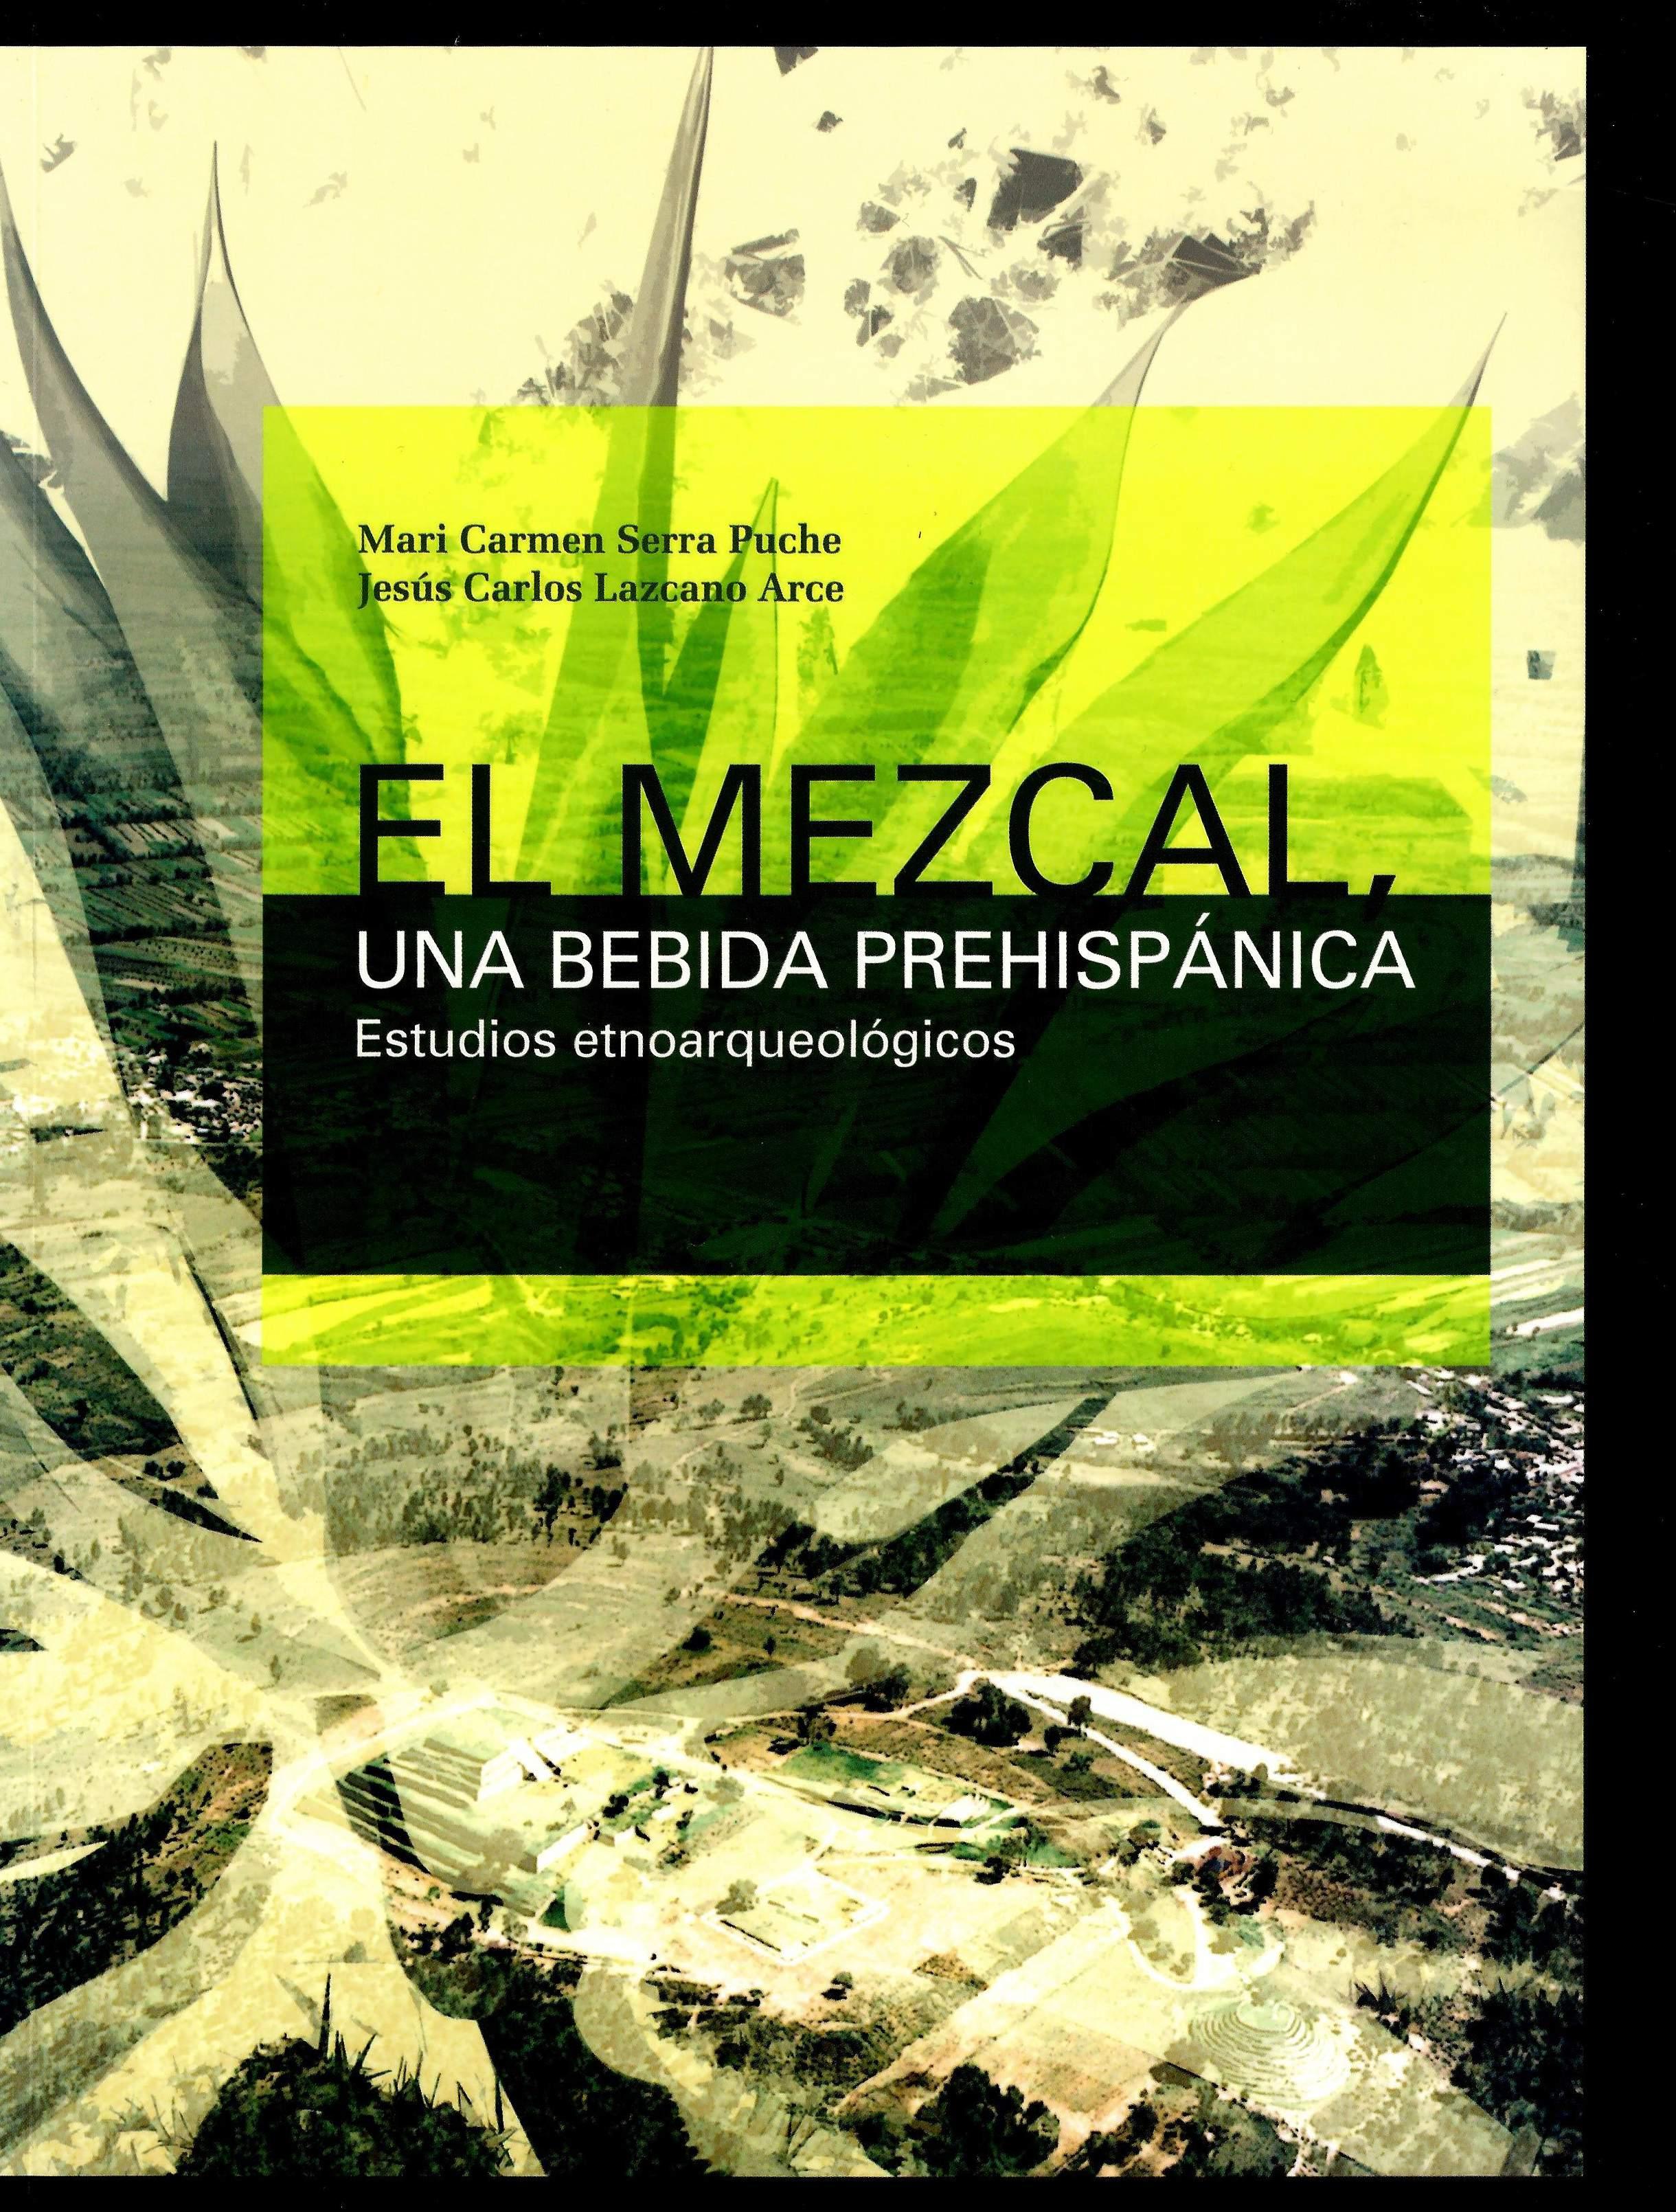 El mezcal, una bebida prehispánica. Estudios etnoarqueológicos